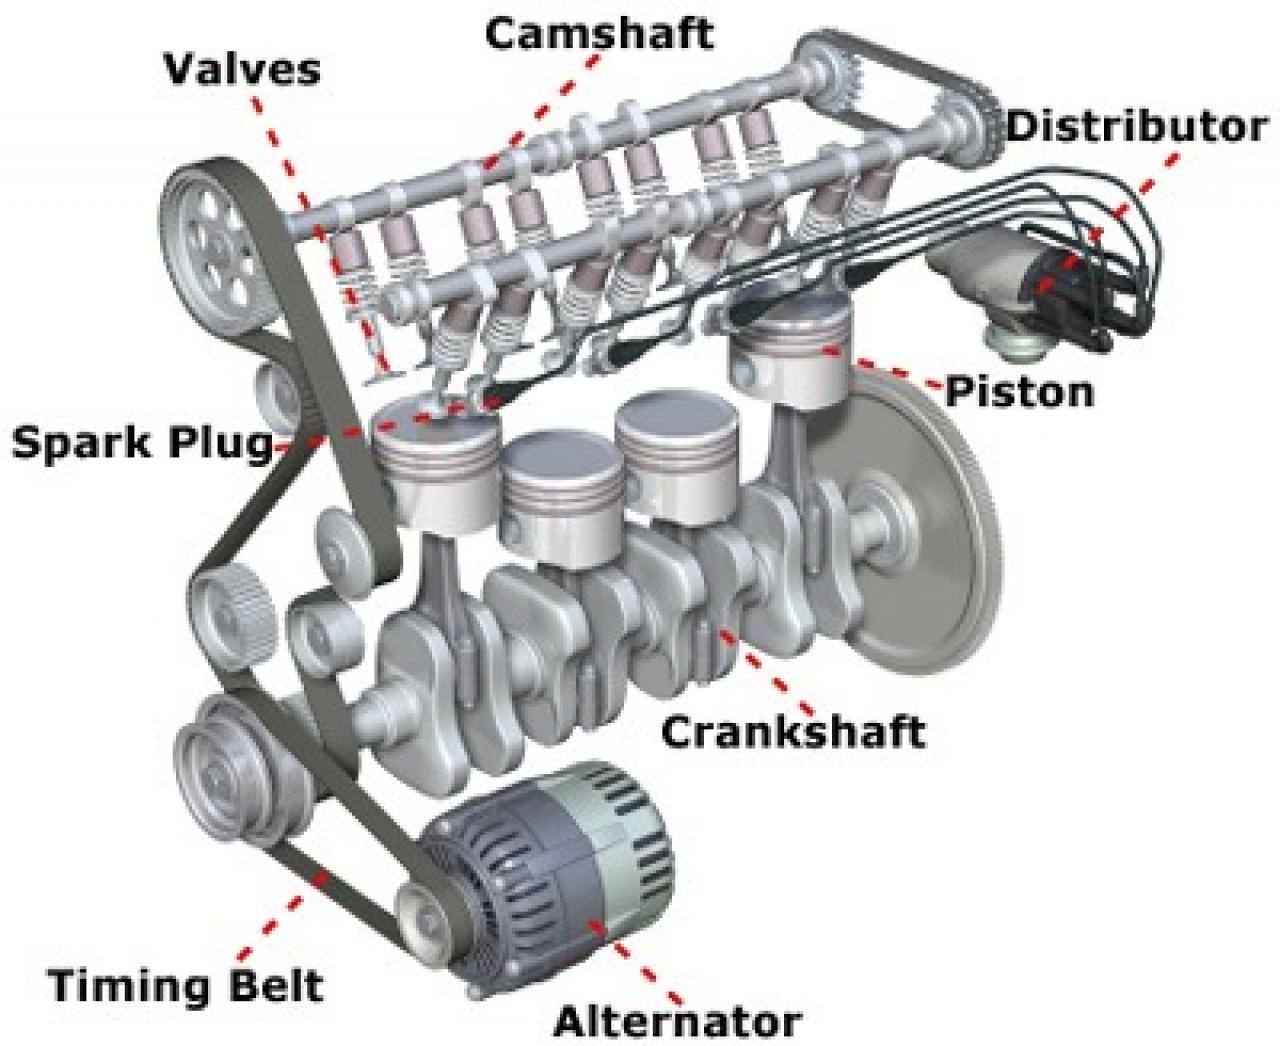 All Parts Of A Car Engine - Dolgular.com